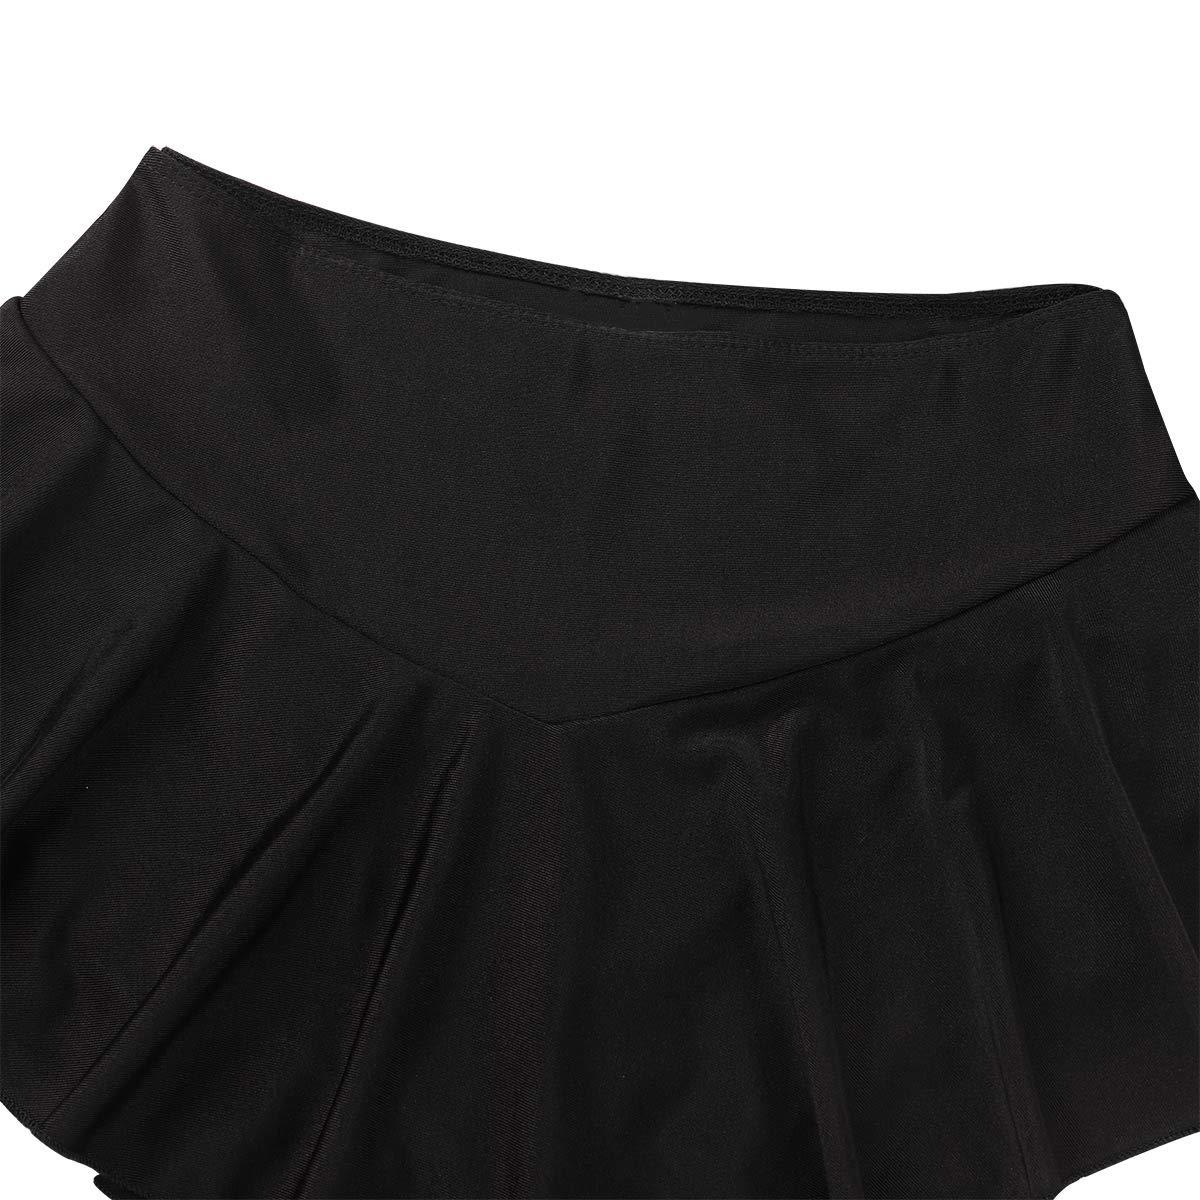 TiaoBug Figure Skating York Flare Skate Skirt for Women Adult Performance Costume Dance Short Skirt